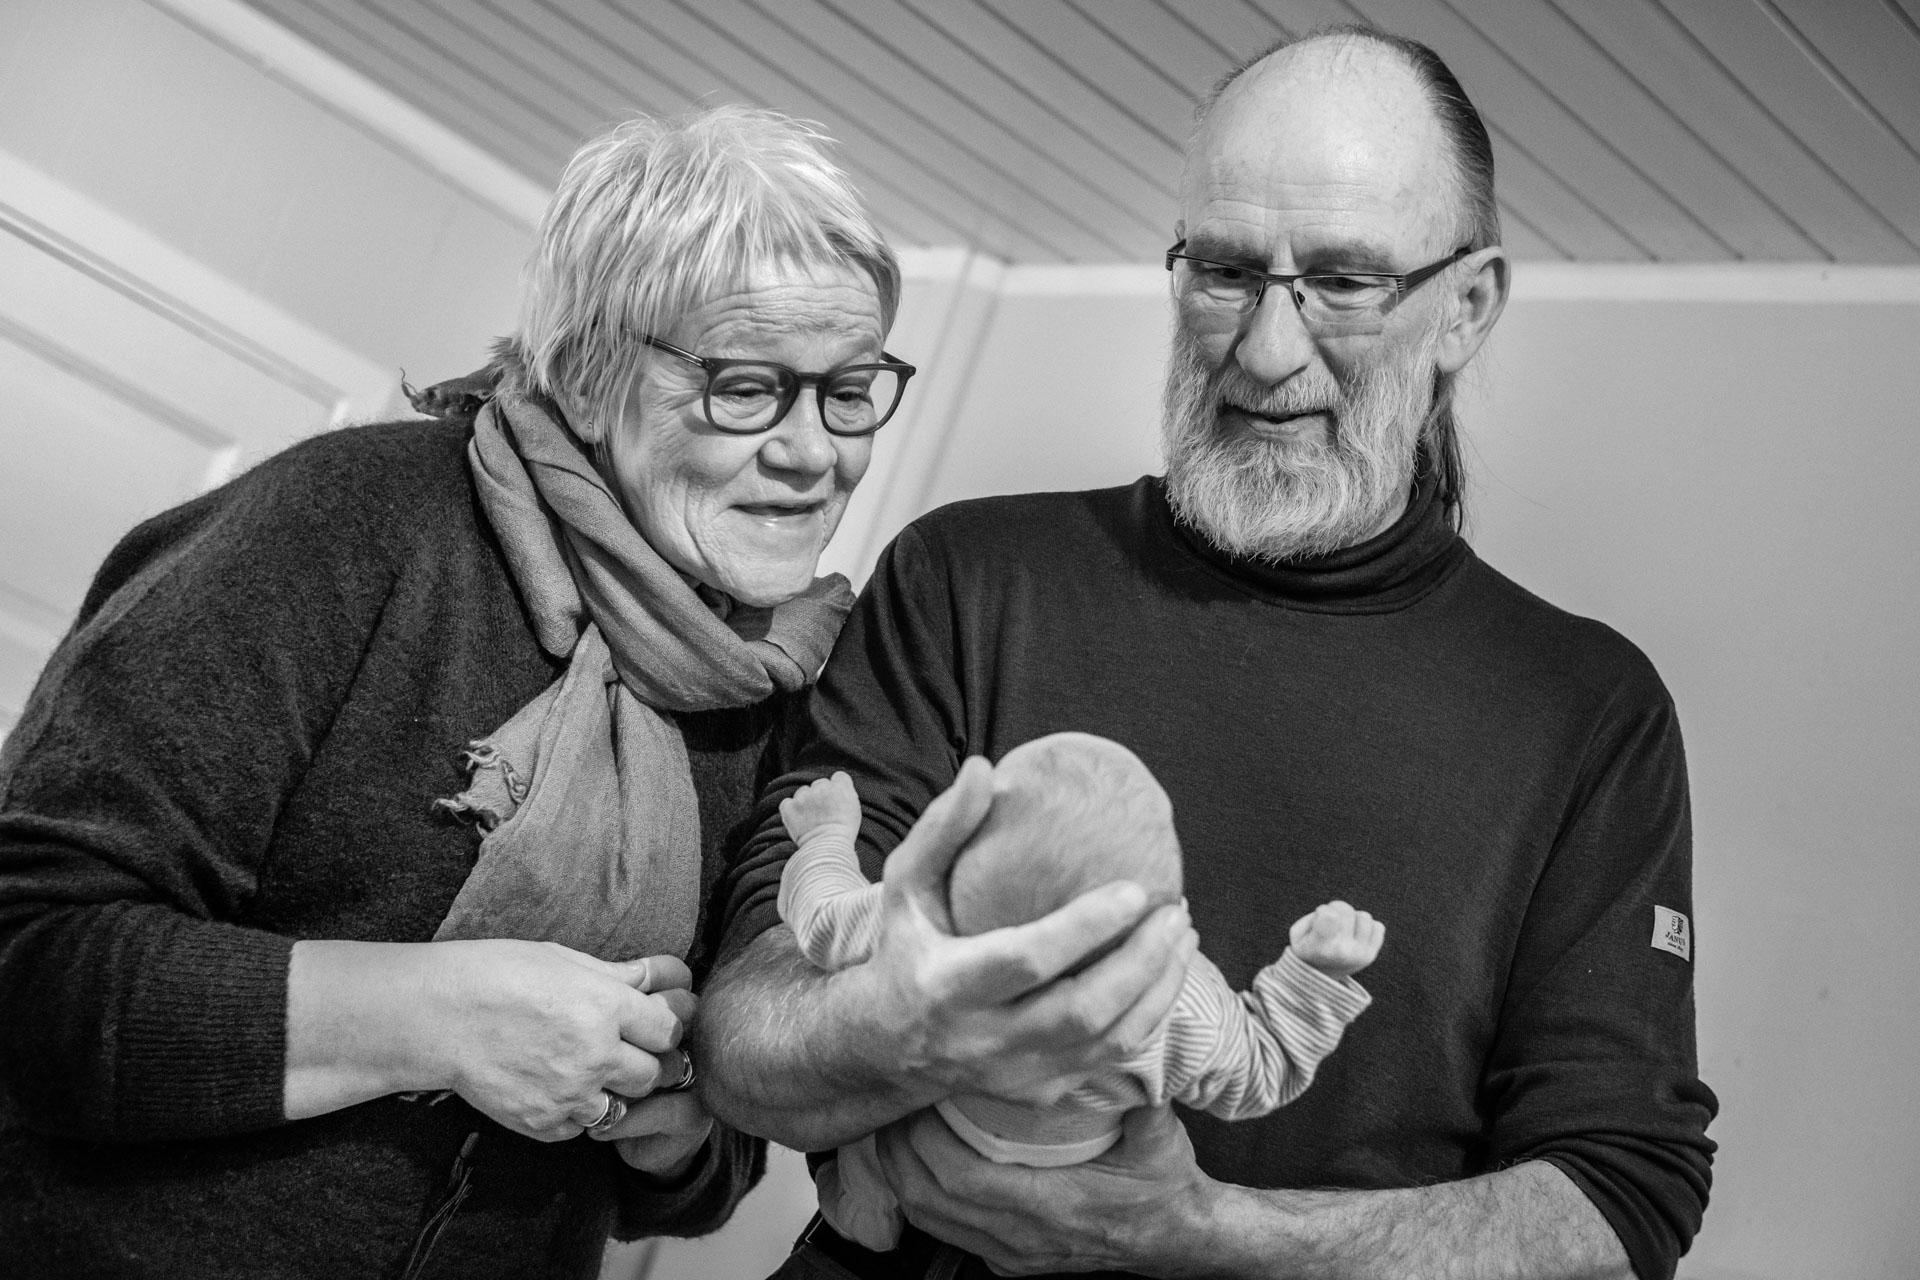 Besteforeldre møter sitt nyfødte barnebarn for første gang. Babyen ligger i bestefars store og trygge hånd, og besteforeldrene ser på og beundrer barnebarnet sitt.